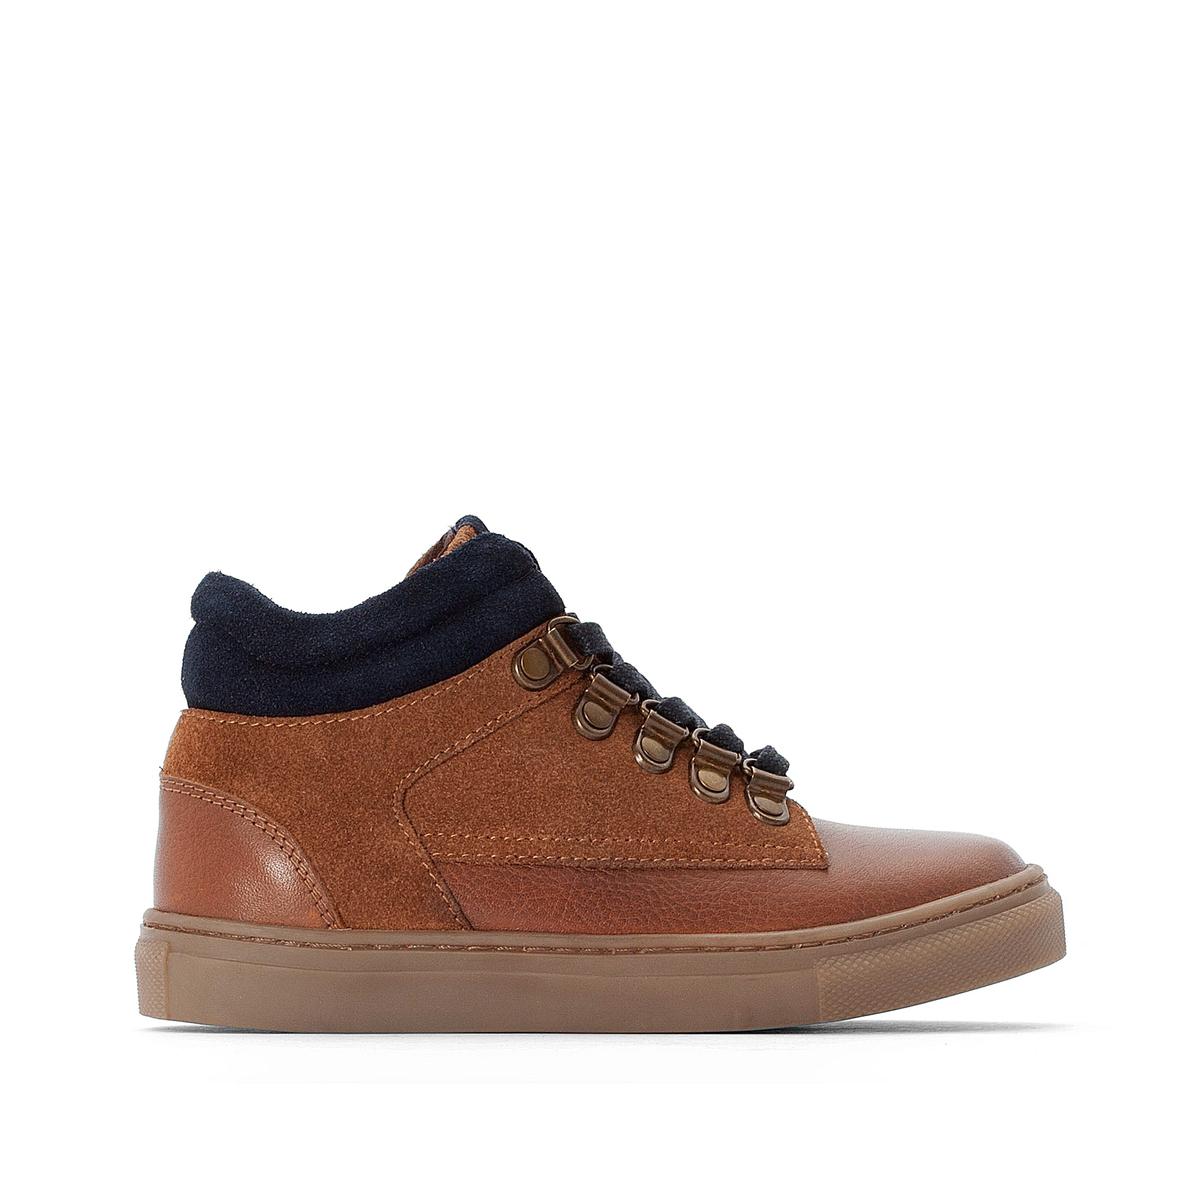 Кеды La Redoute Кожаные на шнуровке в горном стиле размеры - 28 каштановый